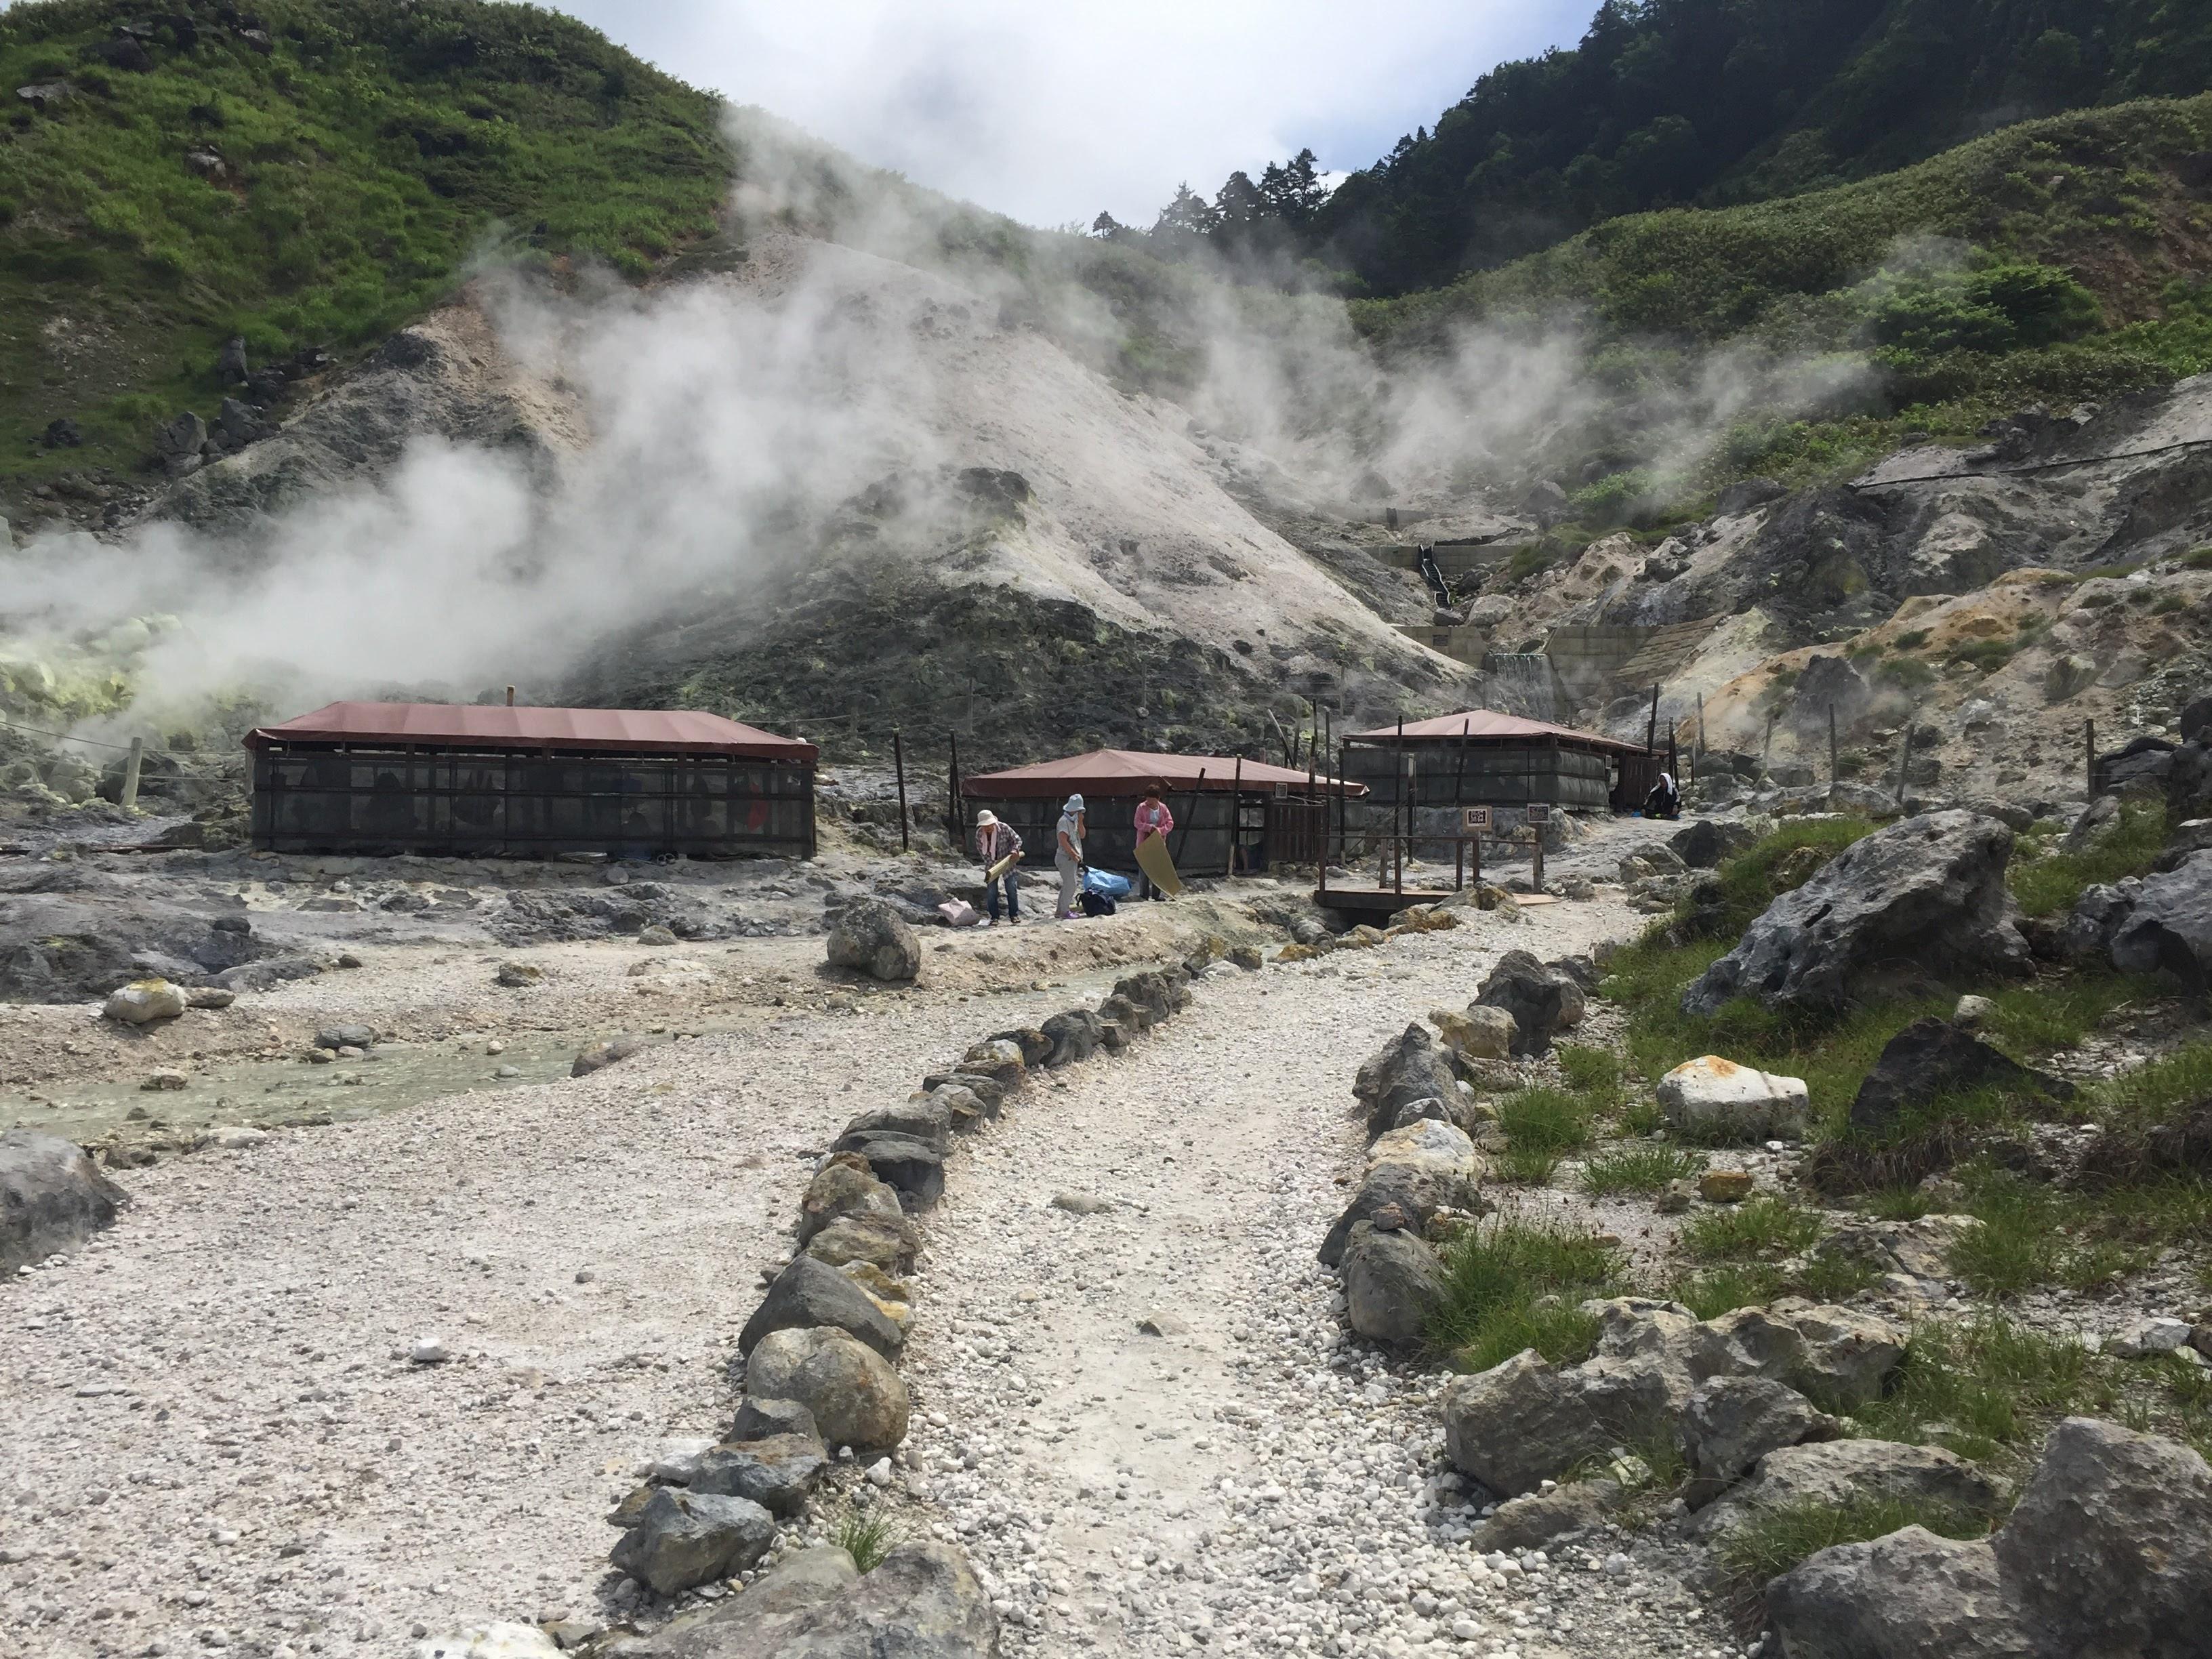 秋田県の玉川温泉の天然の岩盤浴がおすすめ!じんわり汗かいて体がポカポカ。